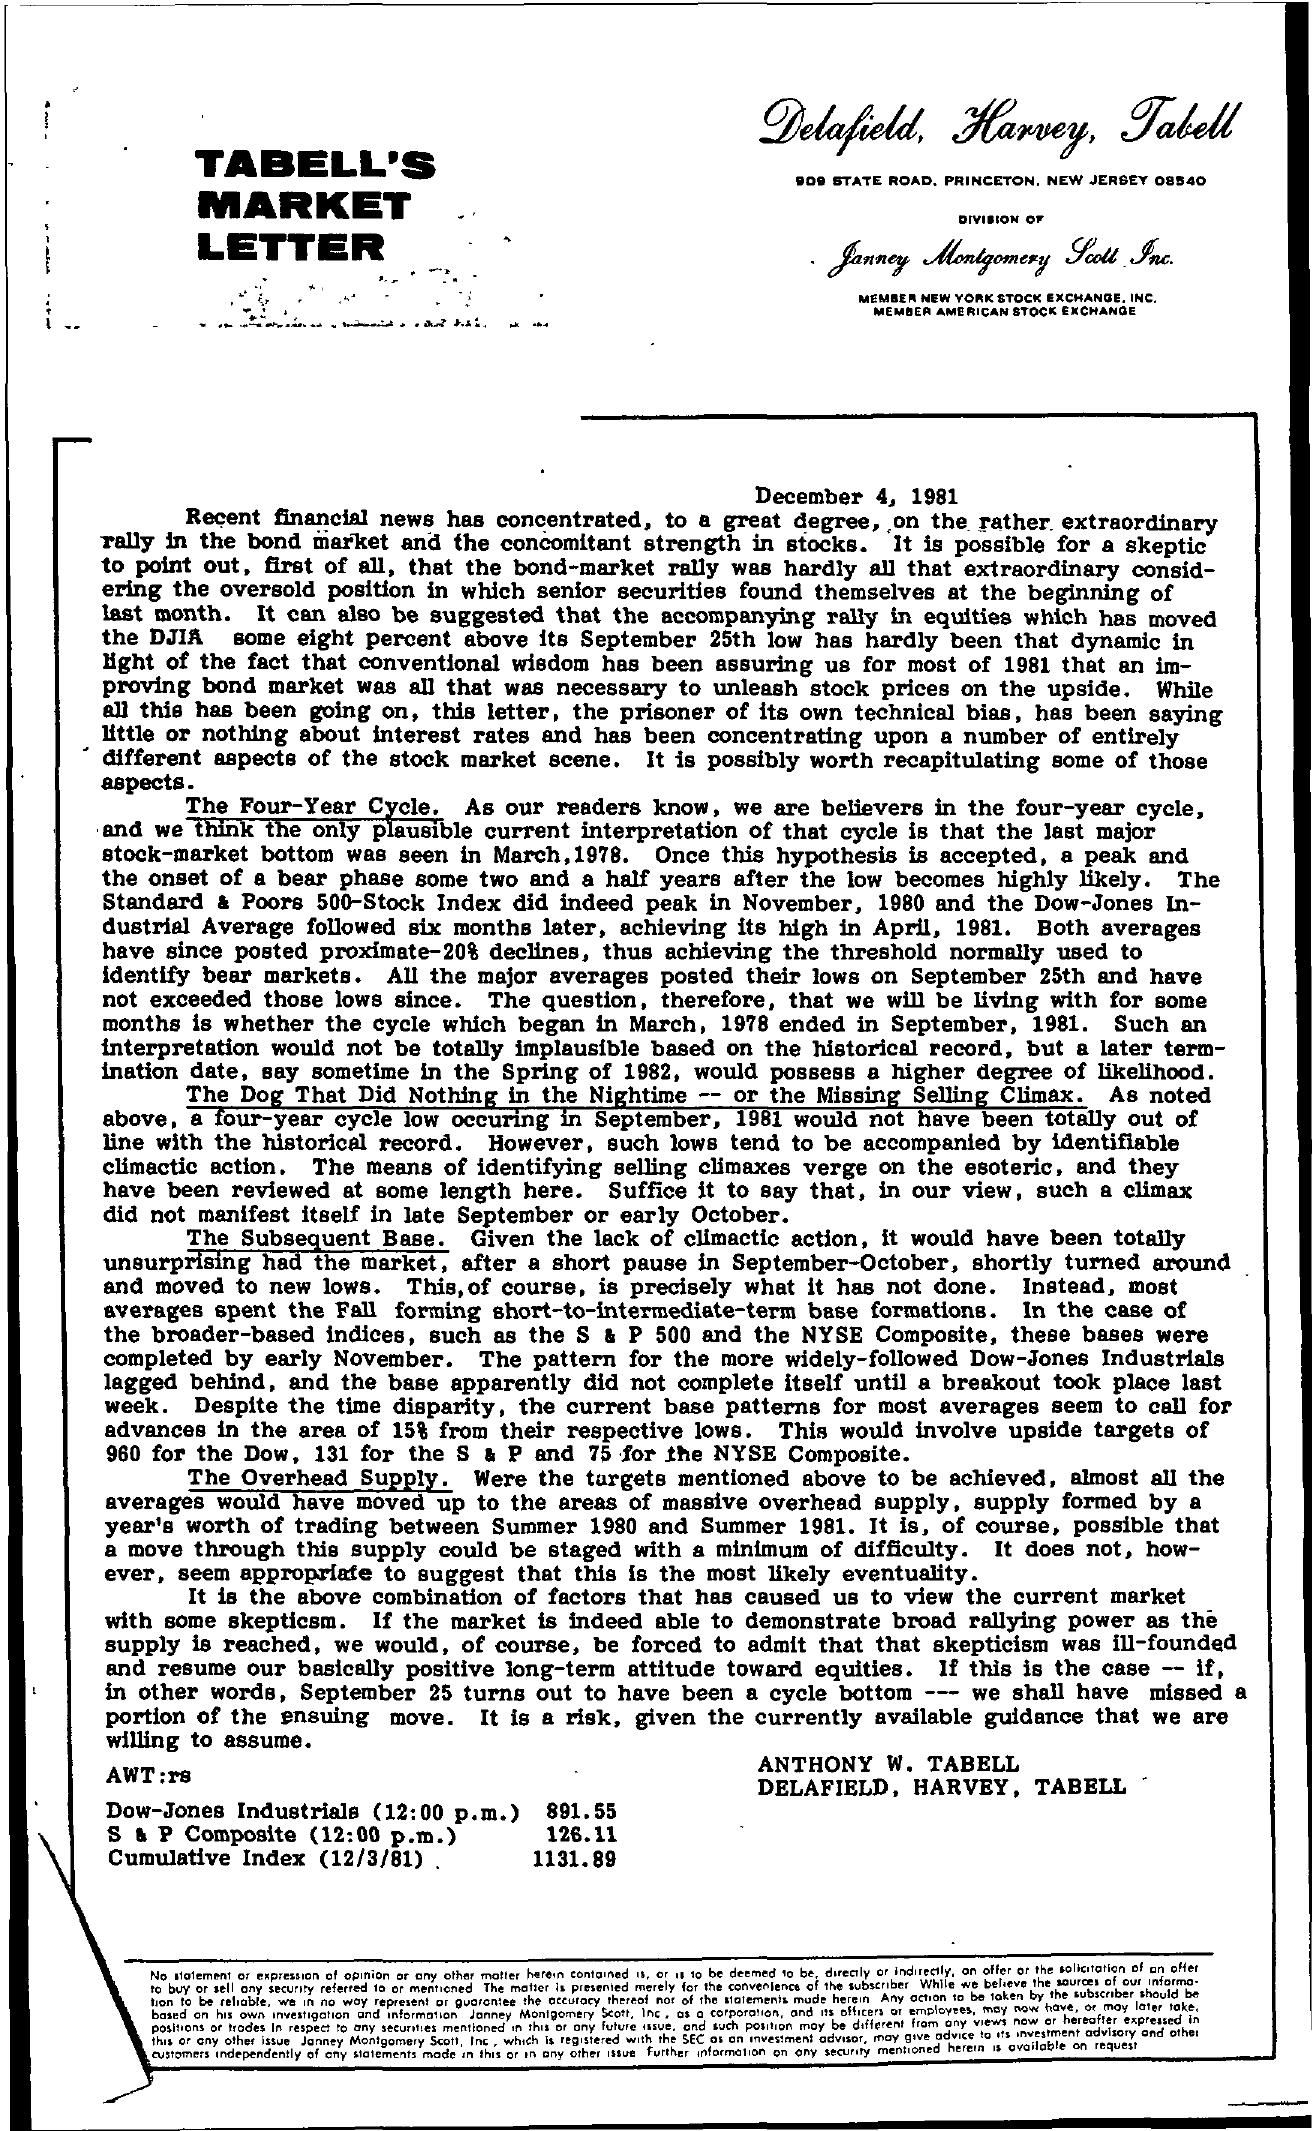 Tabell's Market Letter - December 04, 1981